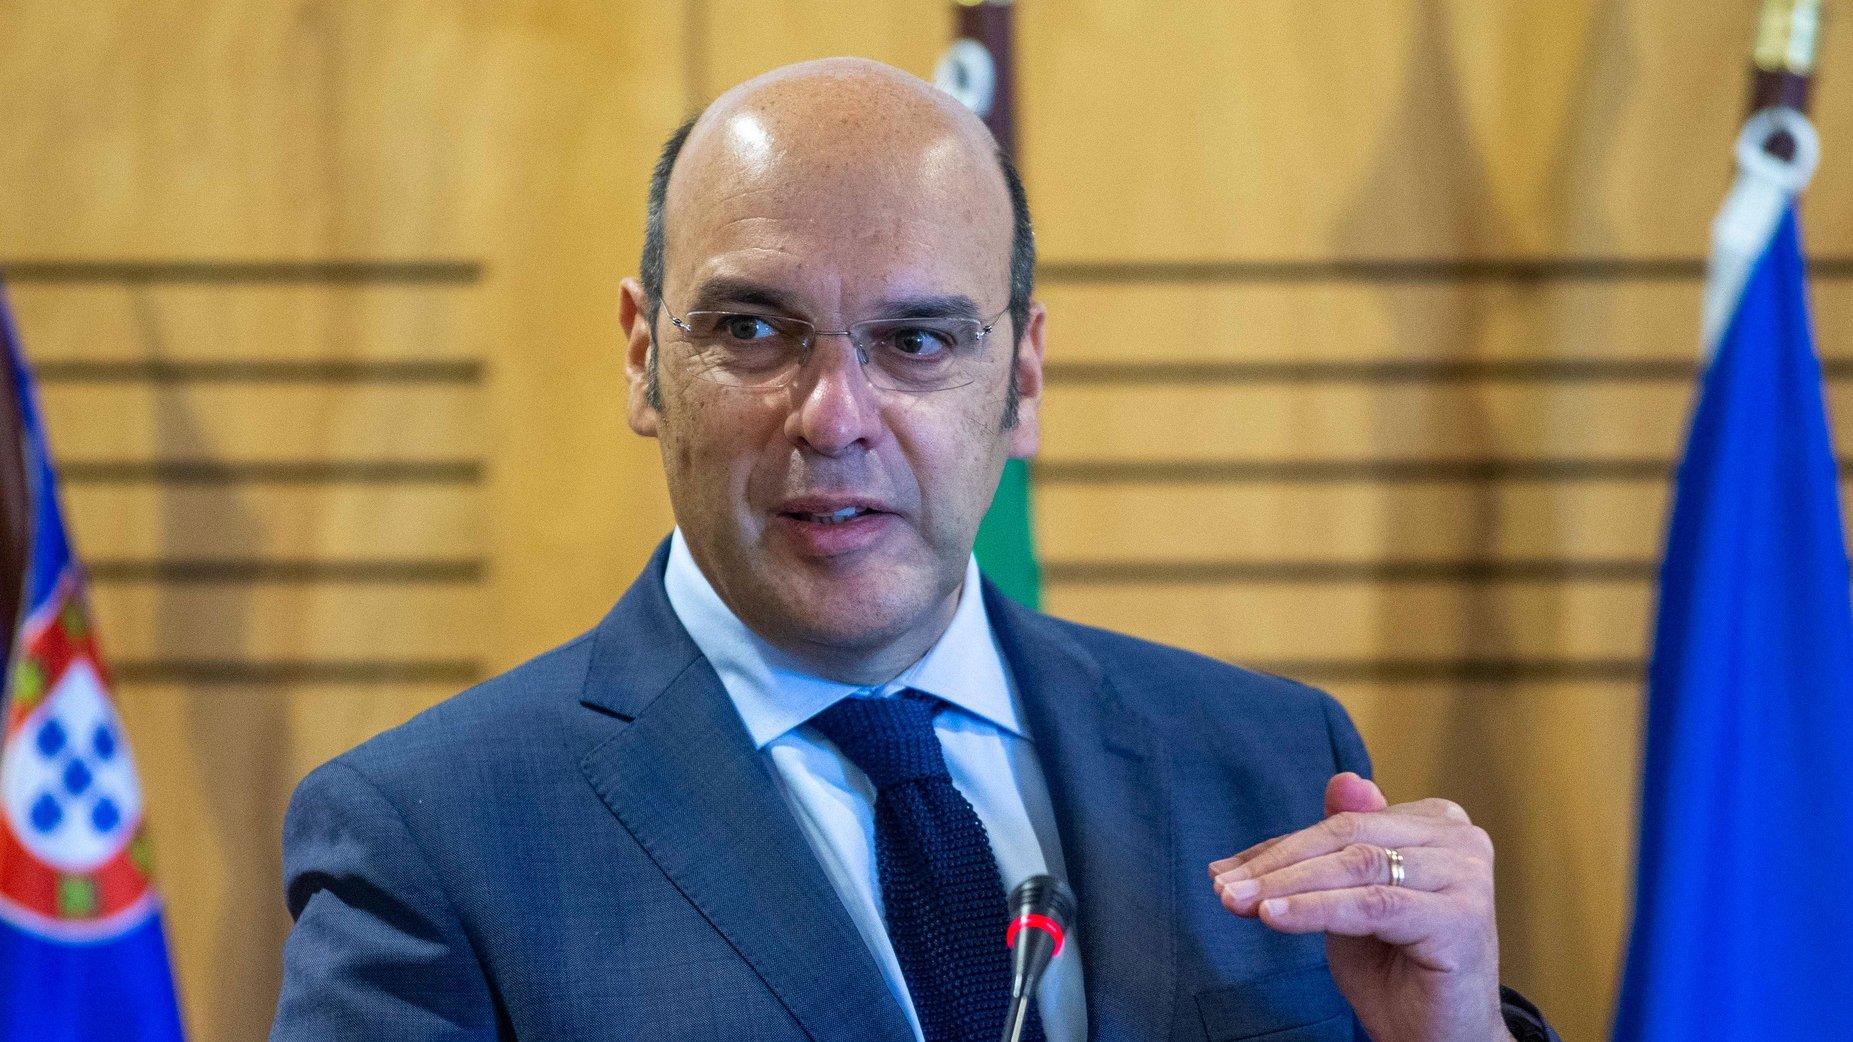 O ministro de Estado, da Economia e da Transição Digital, Pedro Siza Vieira, intervém durante a apresentação do Plano de Recuperação e Resiliência, na Ilha de São Miguel, Ponta Delgada, Açores. 22 de maio de 2021. EDUARDO COSTA/LUSA